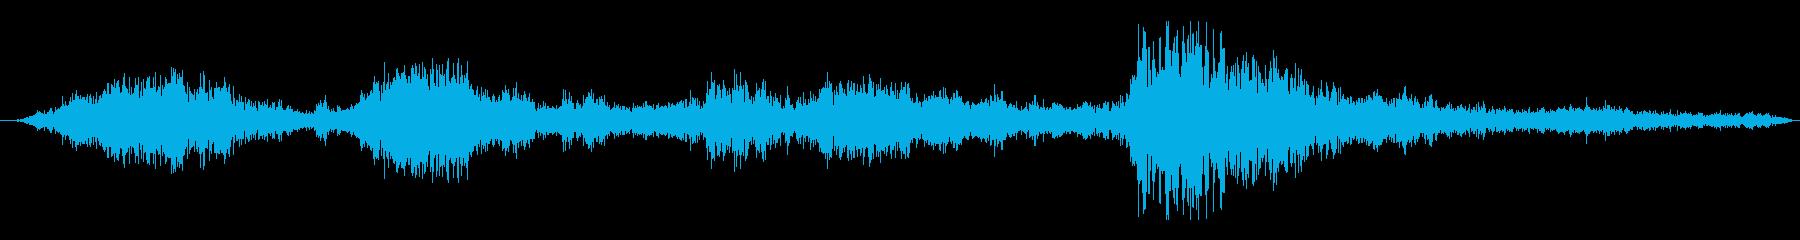 フィクション スペース バイオテッ...の再生済みの波形